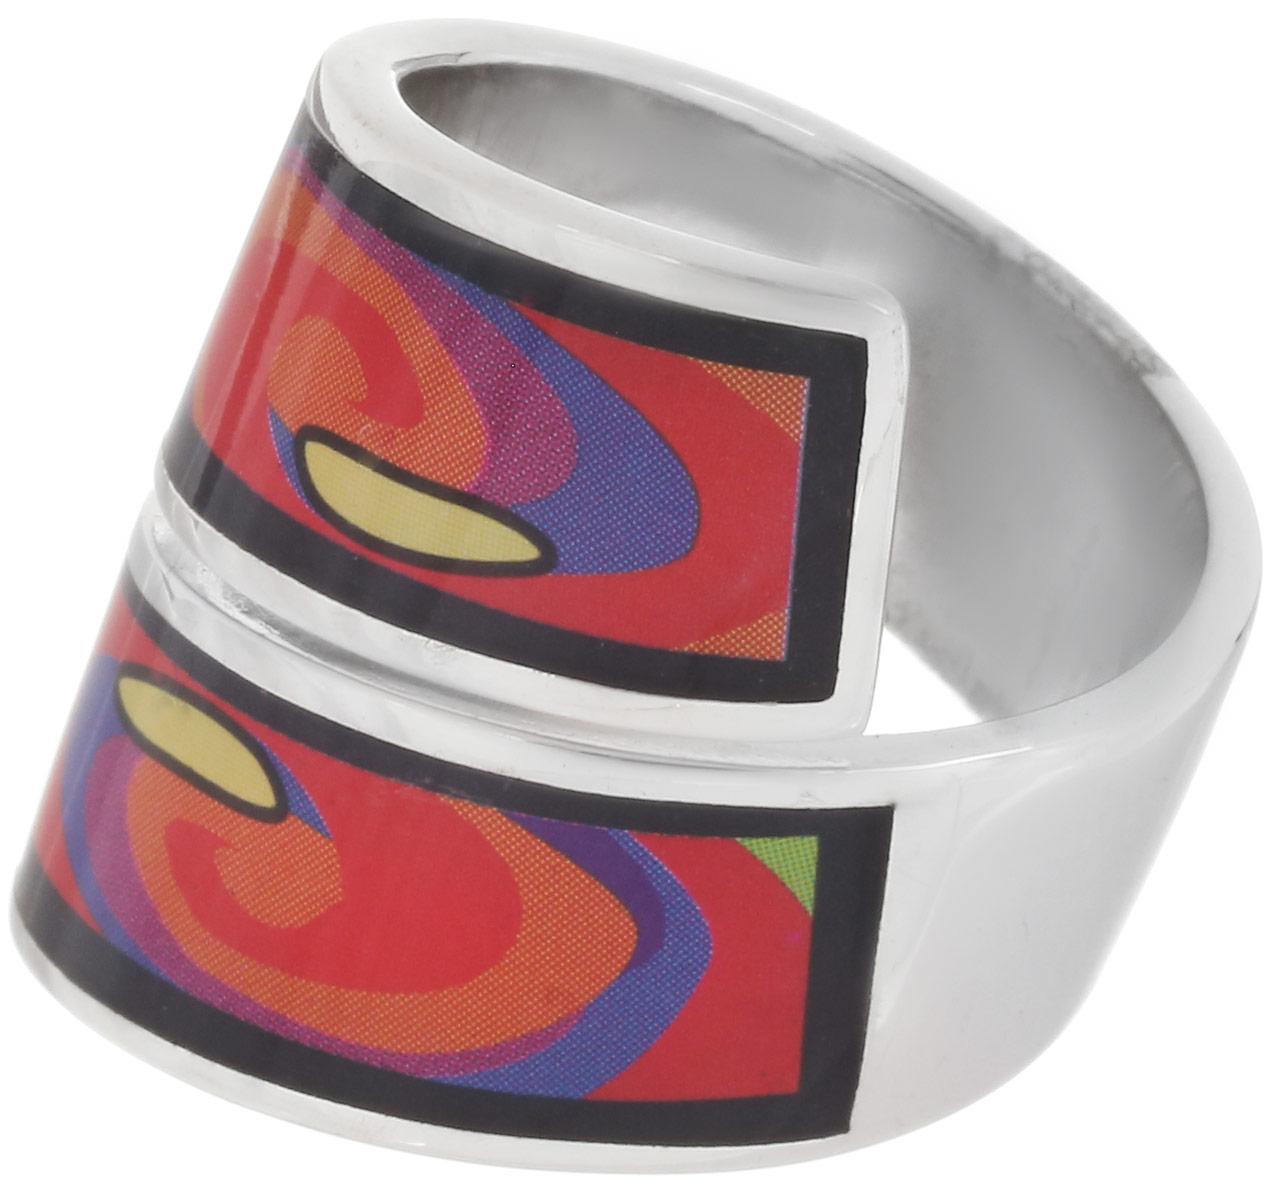 Кольцо Art-Silver, цвет: серебристый, черный, оранжевый. ФК135-1-320. Размер 18ФК135-1-320Стильное кольцо Art-Silver изготовлено из бижутерного сплава. Кольцо имеет спиралевидную форму, оформлено оригинальным принтом и покрыто эмалью. Такое кольцо придаст вашему образу изюминку и подчеркнет индивидуальность.